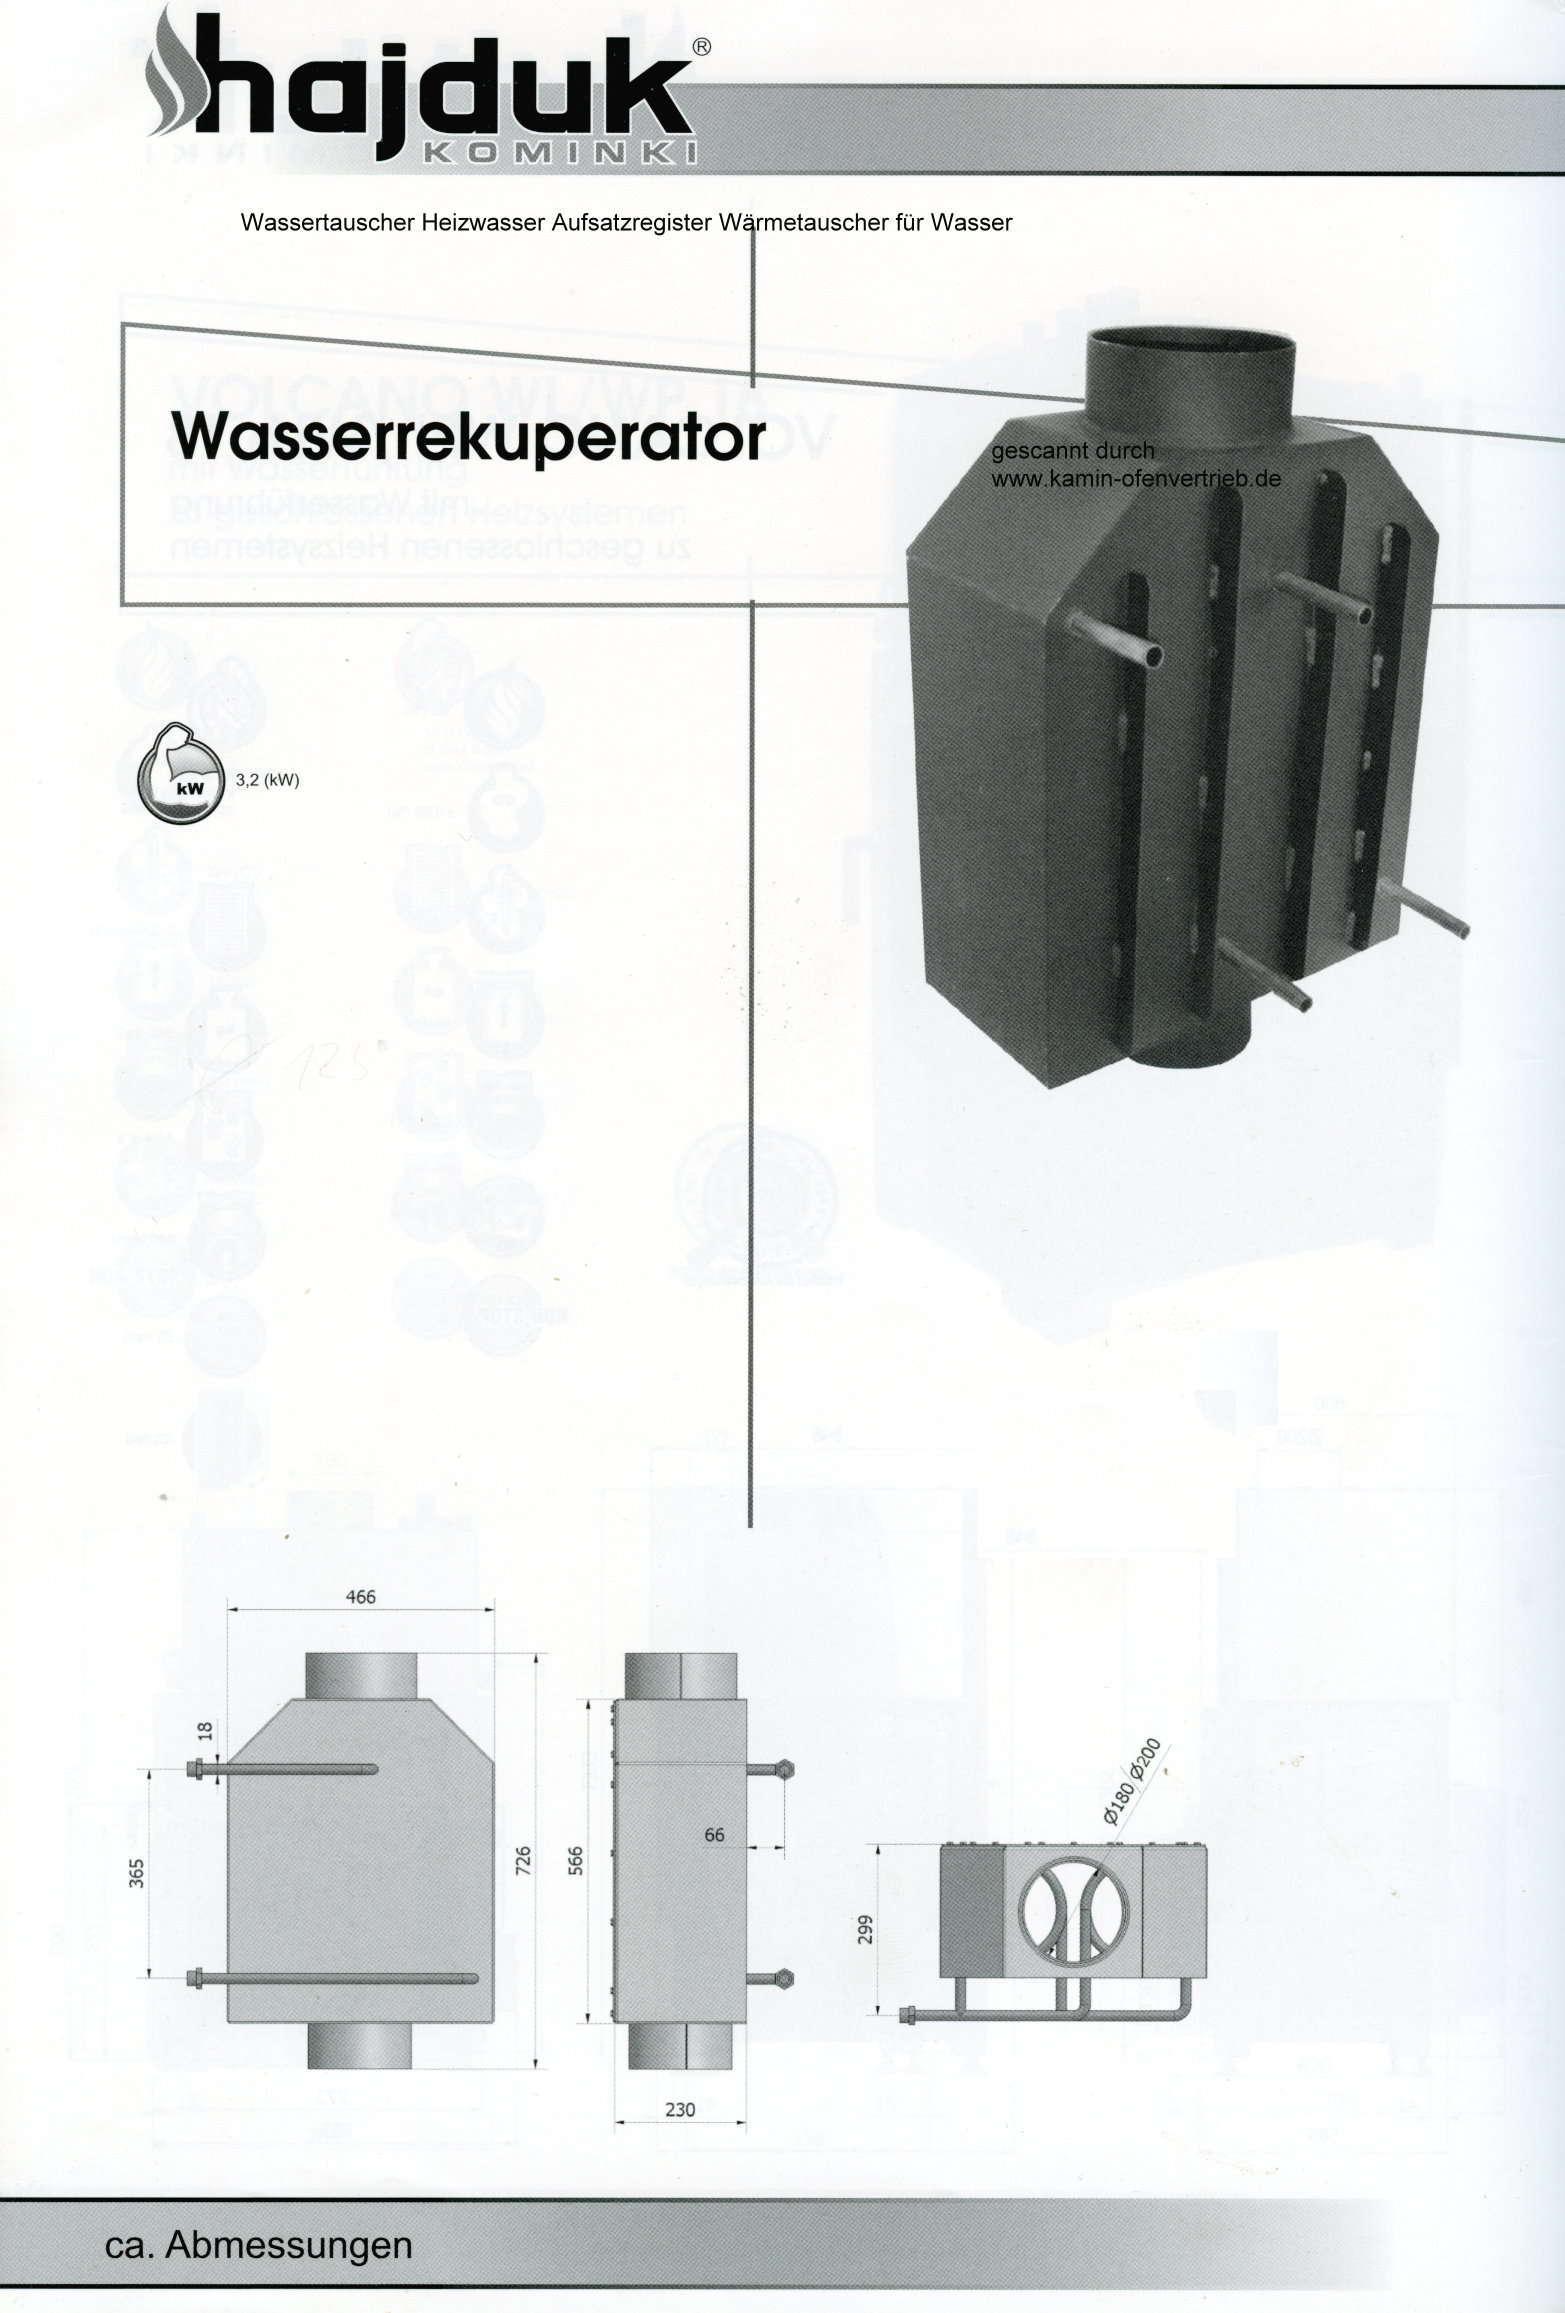 wassertauscher heizwasser aufsatzregister w rmetauscher wasser kamineinsatz. Black Bedroom Furniture Sets. Home Design Ideas